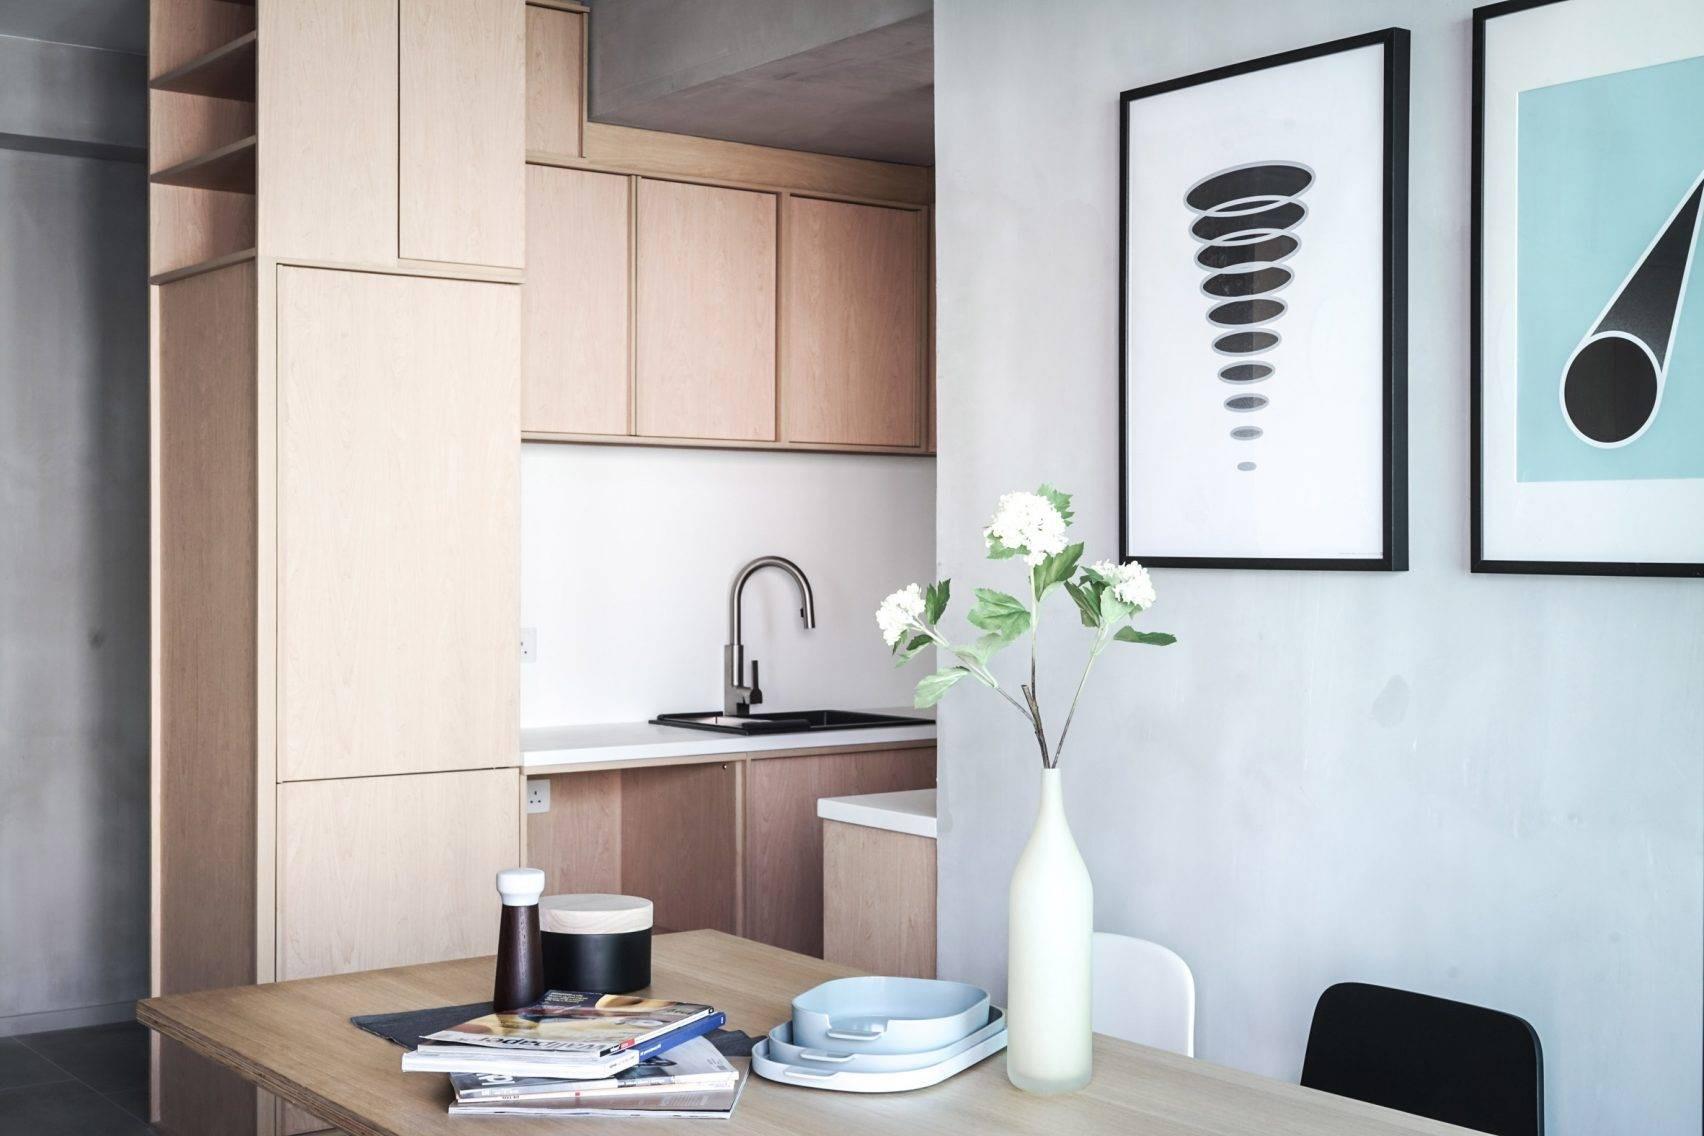 Ở nơi nhà đắt nhất thế giới, căn hộ nhỏ của cặp vợ chồng trẻ trở nên rộng gấp đôi nhờ giải pháp này - Ảnh 2.